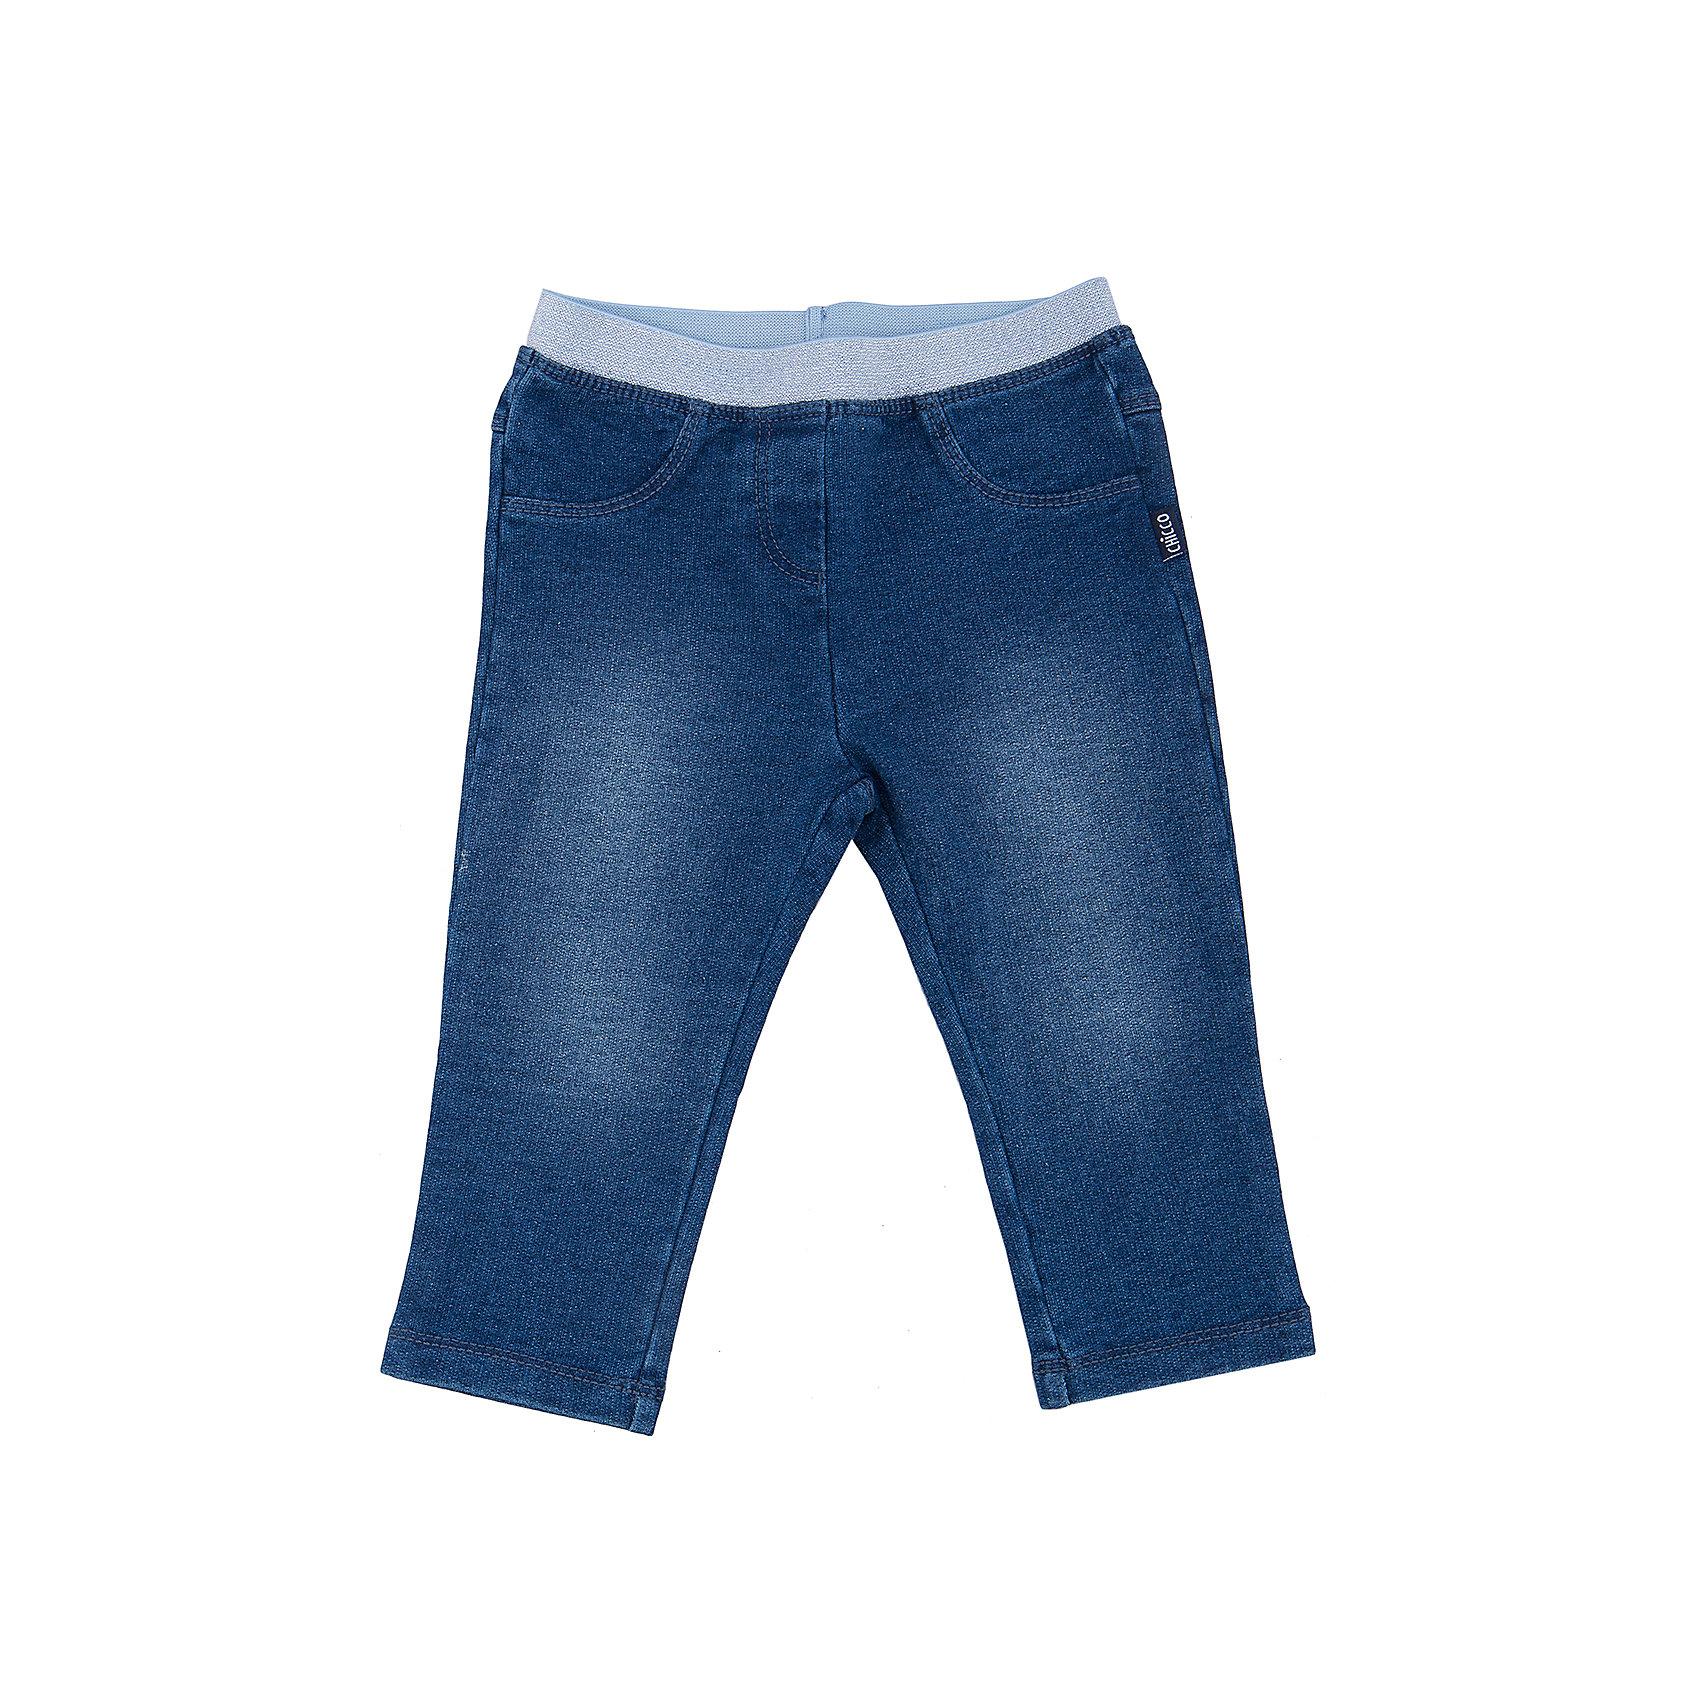 Брюки CHICCO для девочкиБрюки CHICCO для девочки<br><br>Характеристики:<br><br>Фактура материала: джинсовый трикотаж<br>Особенности брюк: зауженные<br>Тип брюк: на резинке<br>Тип карманов: без карманов<br>Вид отделки: фабричная потертость<br><br>Состав: 86% хлопок, 10% полиэстер, 4% эластан<br><br>Брюки CHICCO для девочки можно купить в нашем интернет-магазине.<br><br>Ширина мм: 215<br>Глубина мм: 88<br>Высота мм: 191<br>Вес г: 336<br>Цвет: синий<br>Возраст от месяцев: 6<br>Возраст до месяцев: 9<br>Пол: Женский<br>Возраст: Детский<br>Размер: 74,92,86,80<br>SKU: 5082683